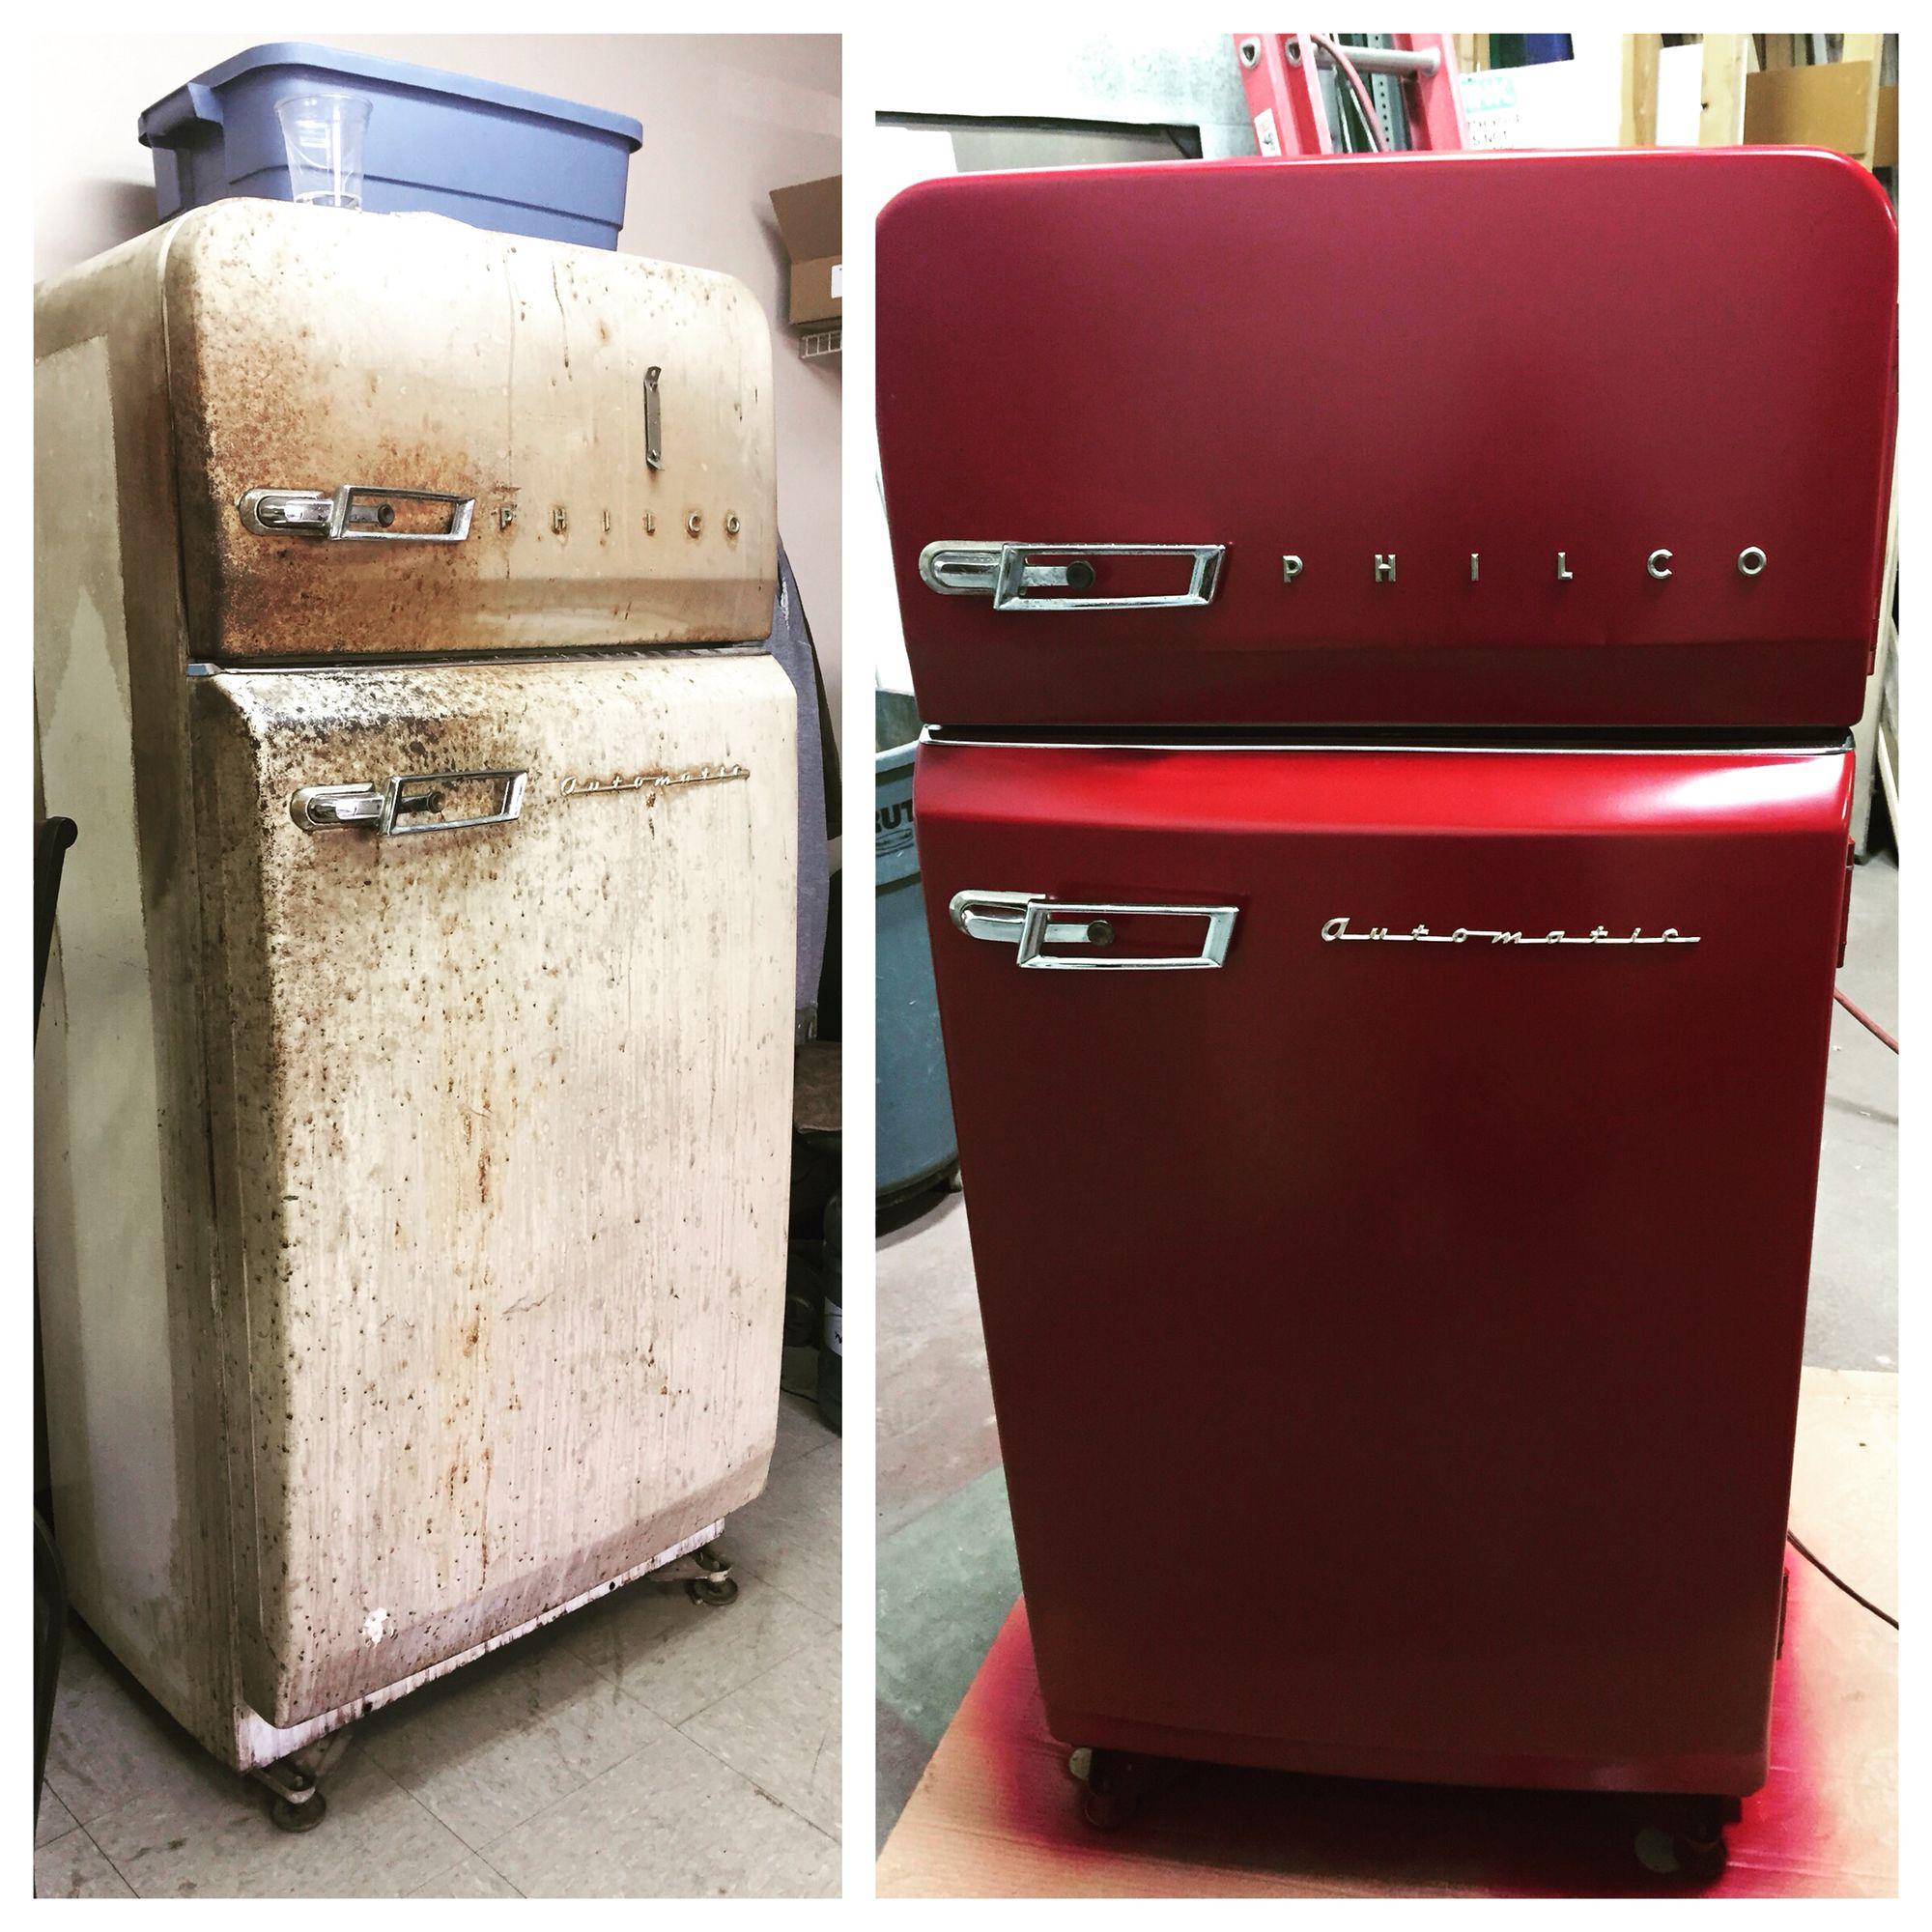 Vintage Refrigerator Makeover Vintage Refrigerator Refrigerator Makeover Vintage Fridge